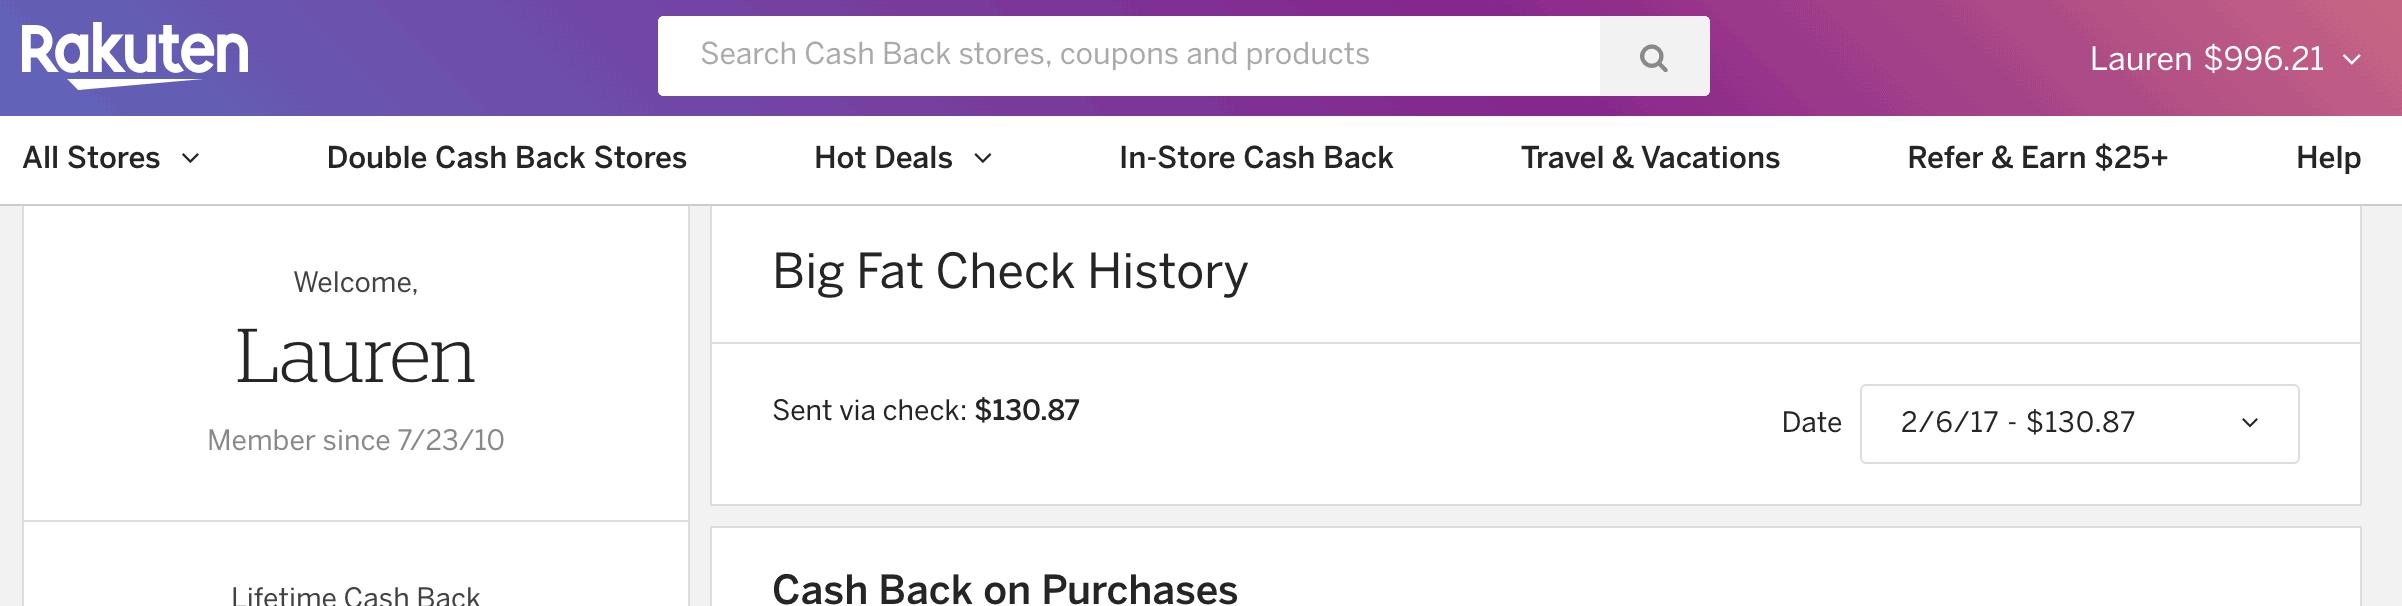 save money shopping with Rakuten